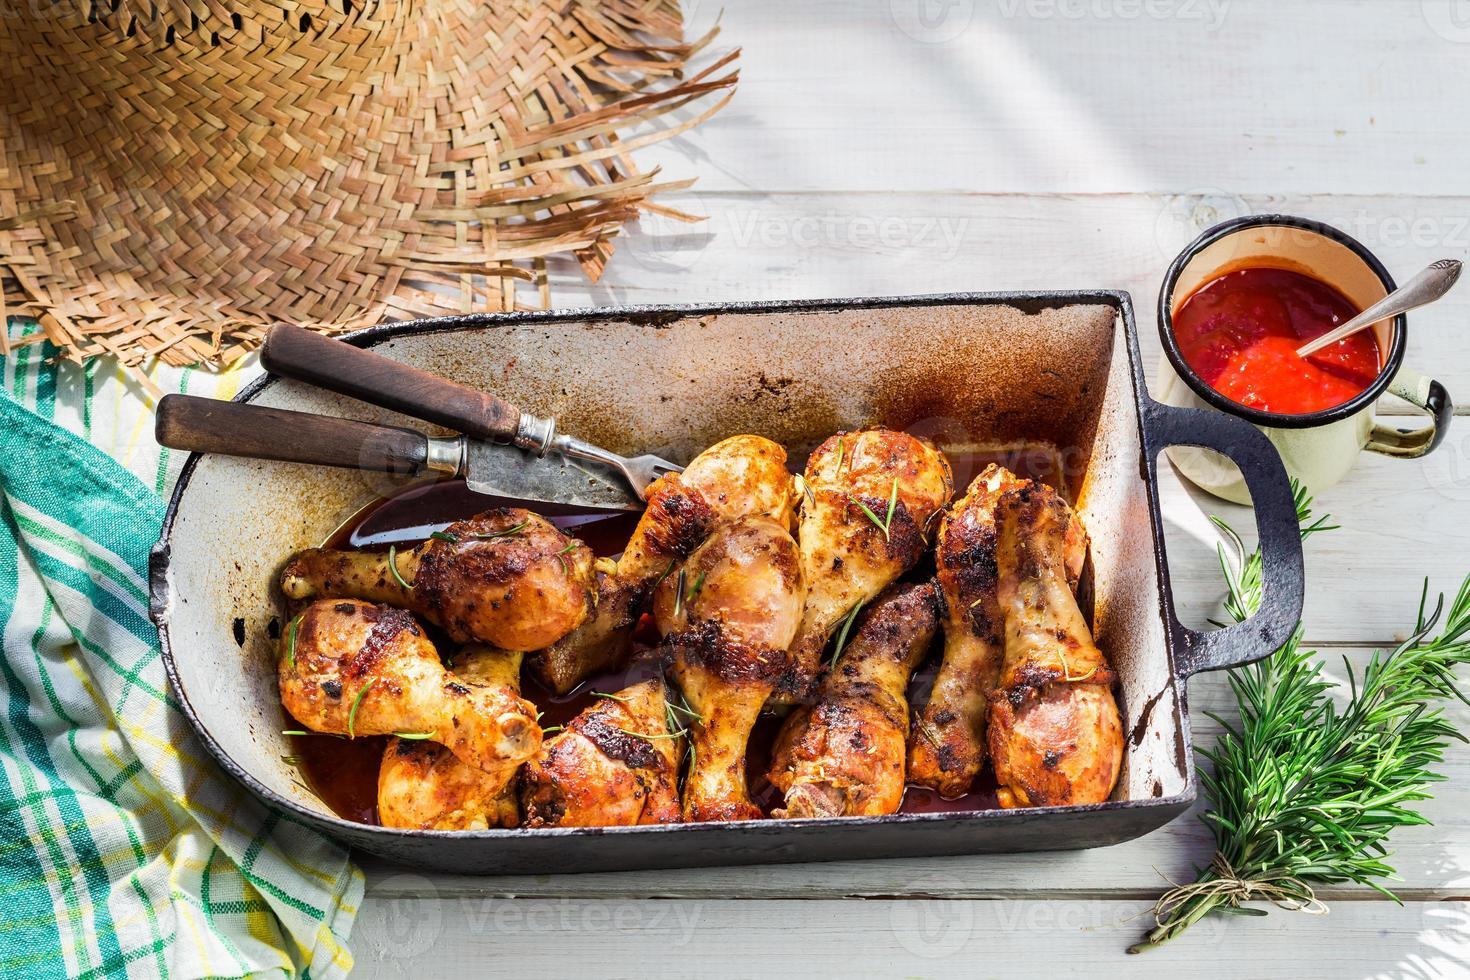 hete kippenpoten met kruiden en saus in rustieke keuken foto